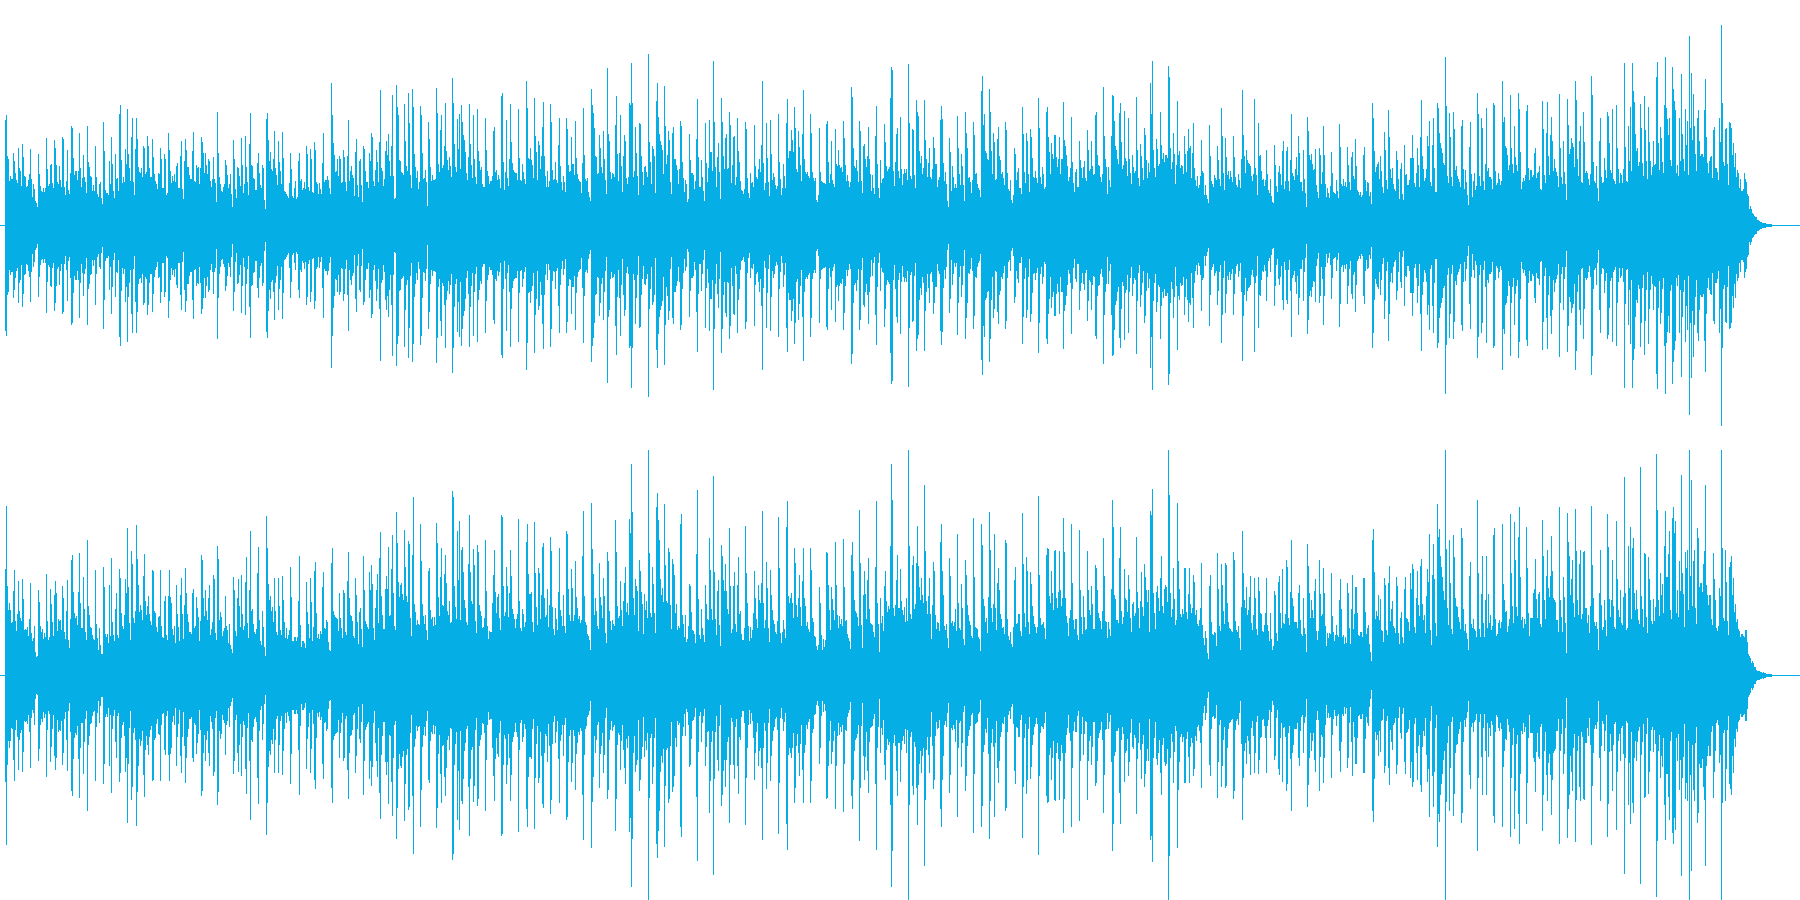 ドラマチックなポップスBGMの再生済みの波形